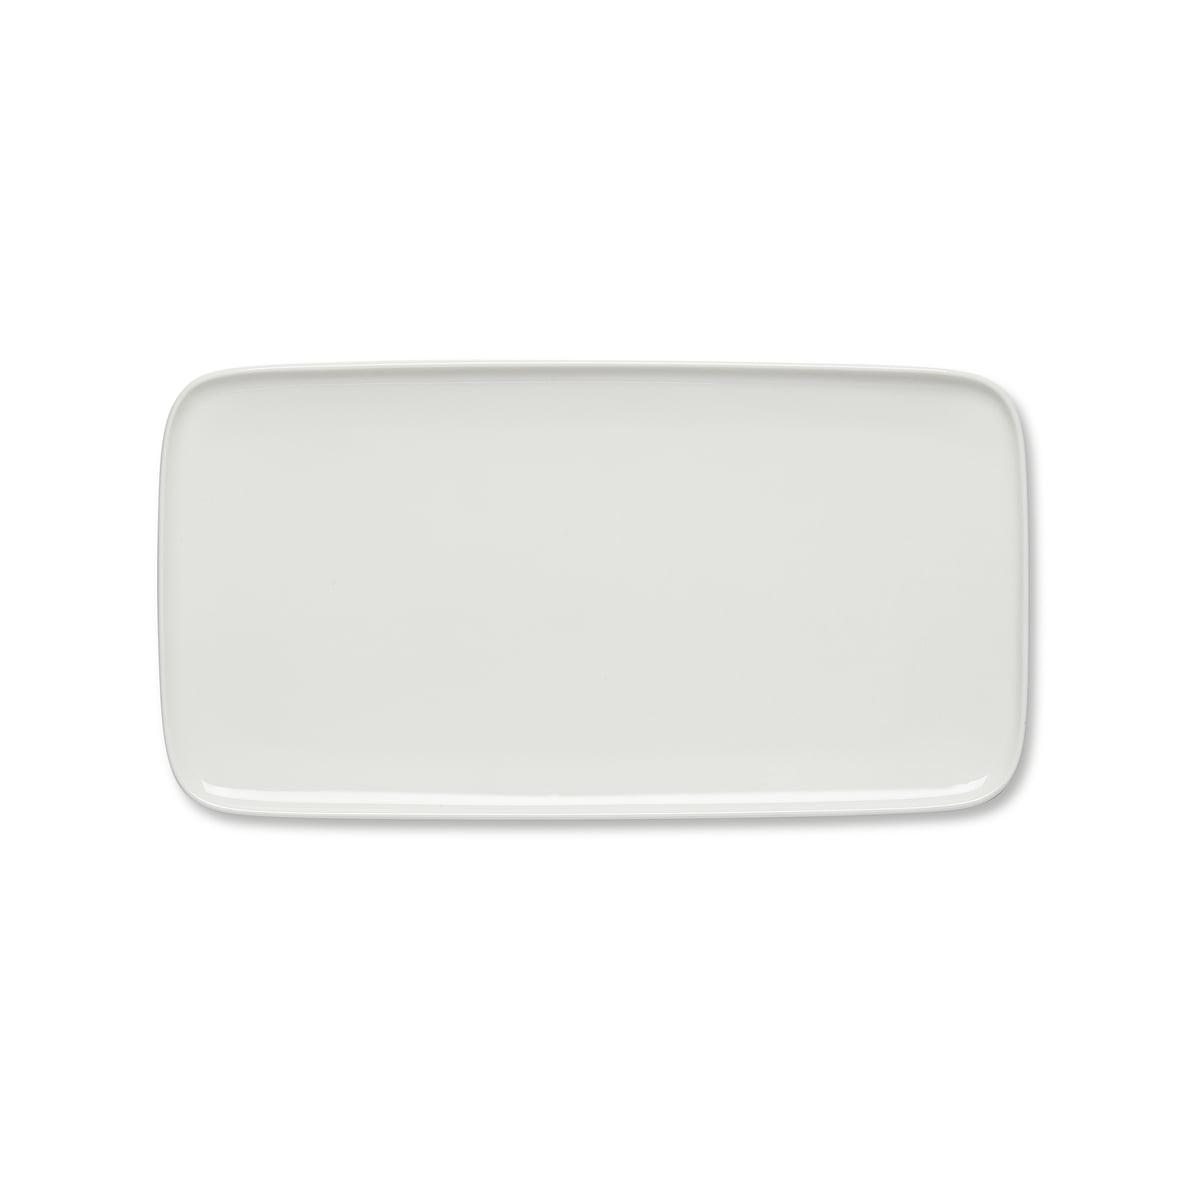 Marimekko - Oiva Servierplatte, 16 x 30 cm, weiß   Küche und Esszimmer > Besteck und Geschirr > Geschirr   Marimekko